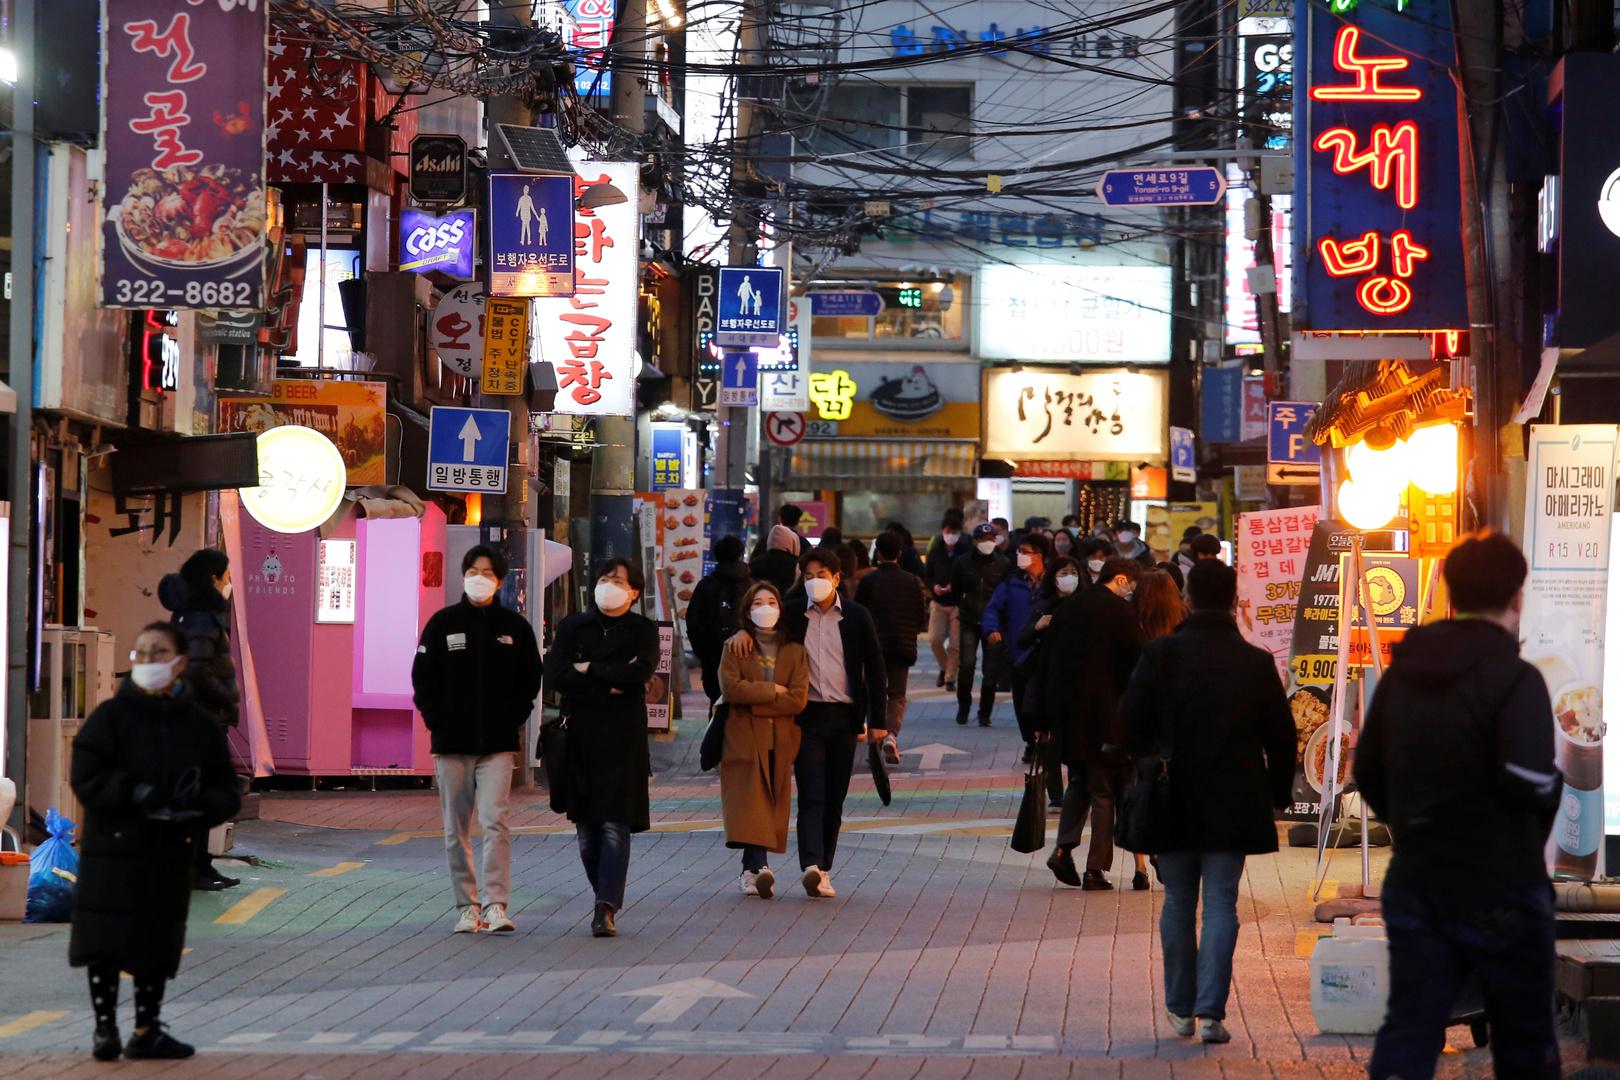 مدينة سيئول عاصمة كوريا الجنوبية.